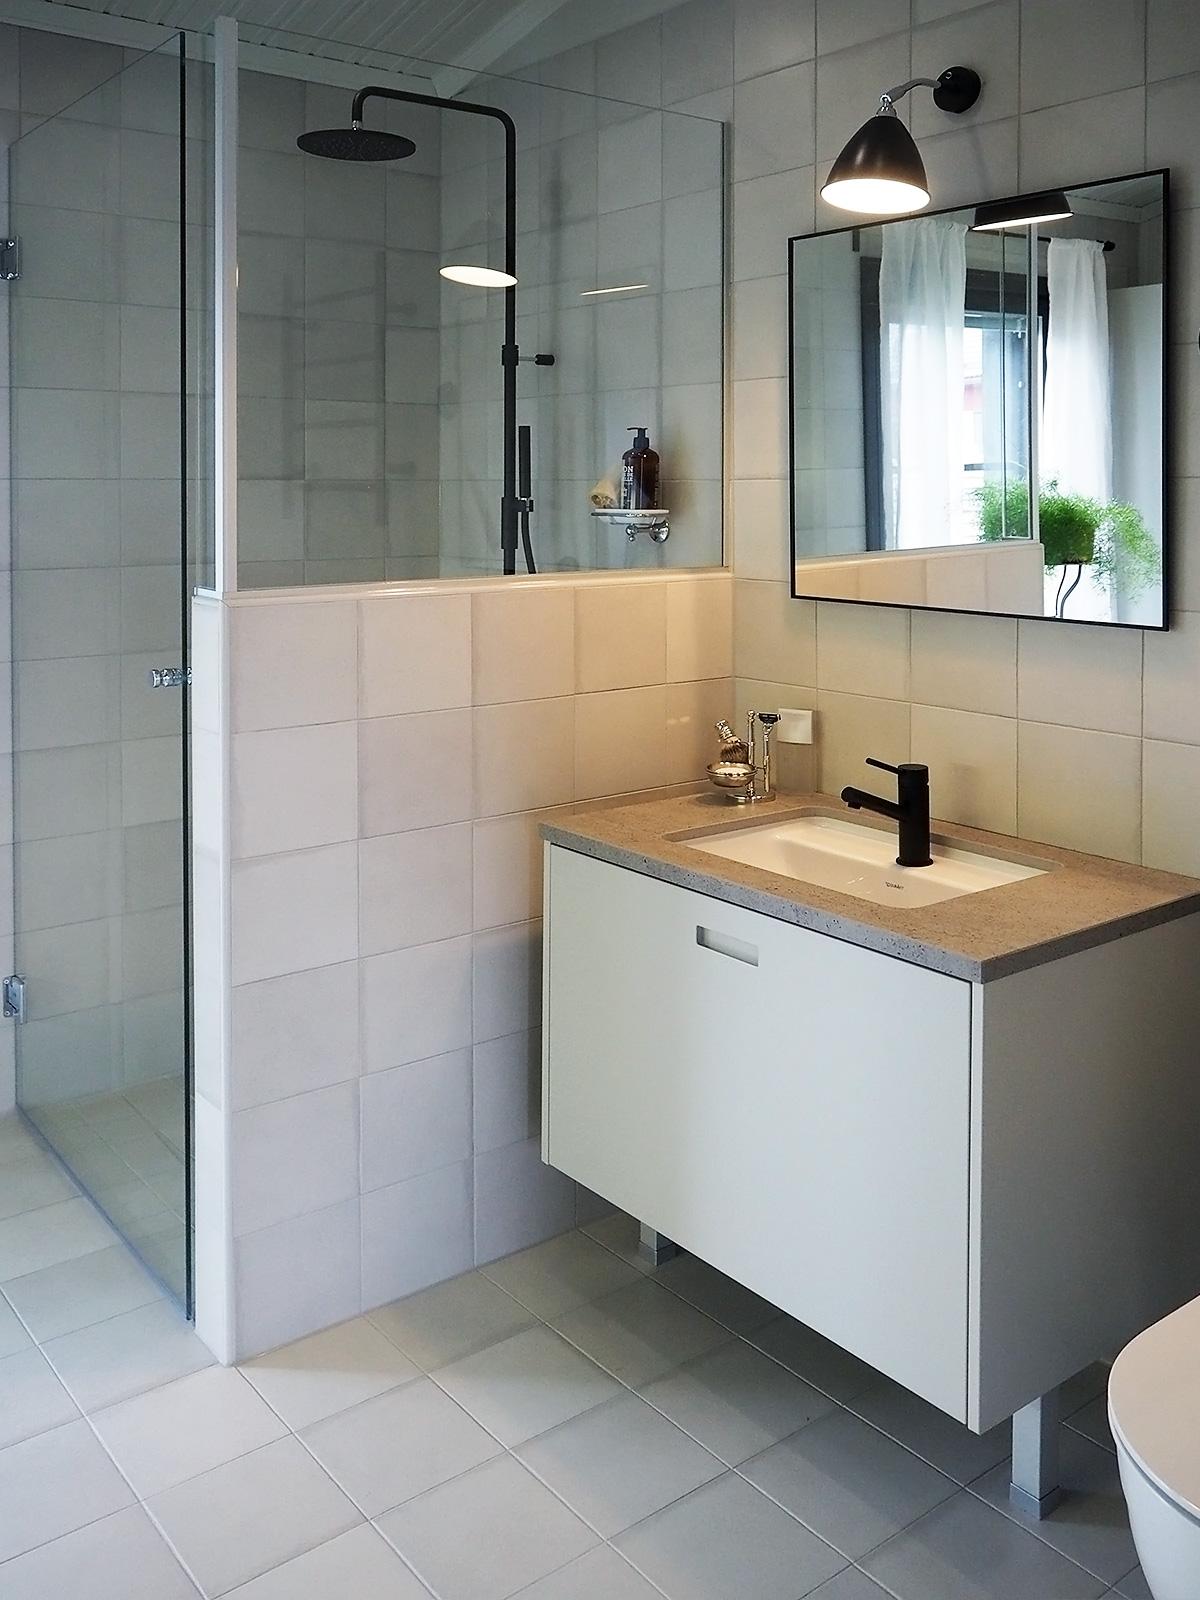 Kylpyhuone kohteessa Pohjanmaa, Asuntomessut 2016